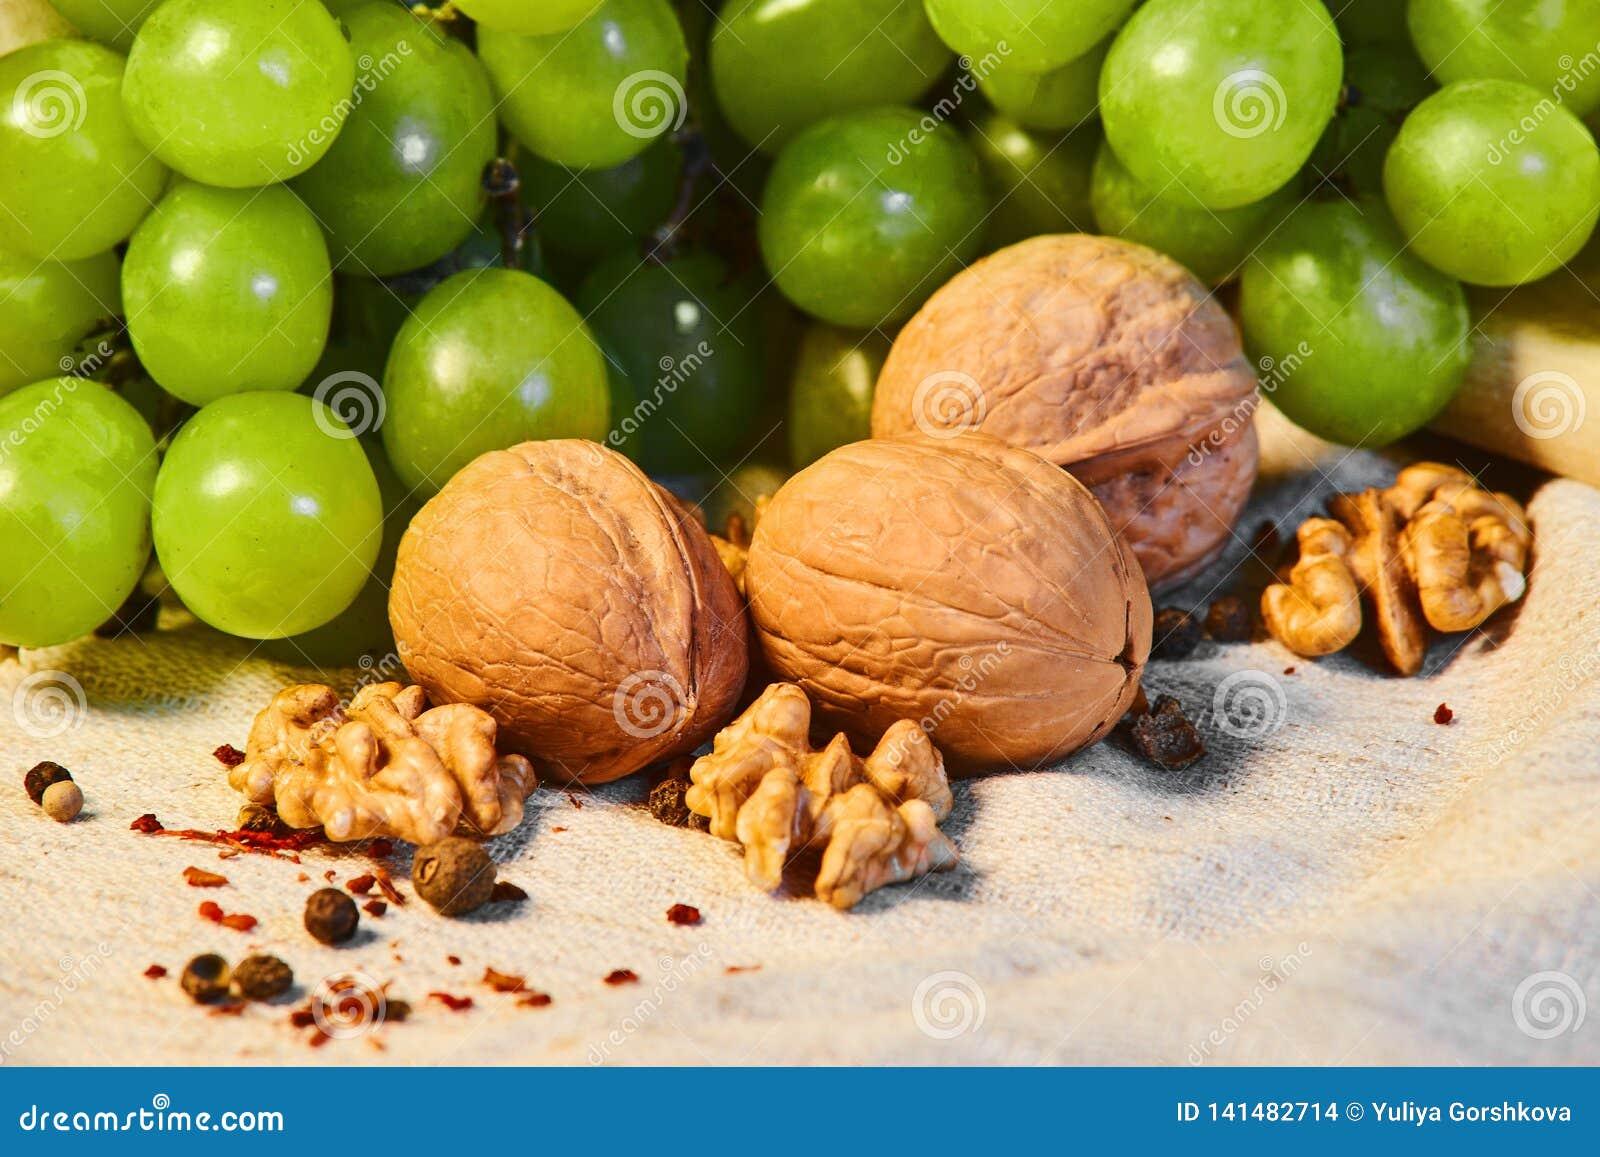 Les noix et les raisins verts se trouvent sur le tissu de toile avec des épices